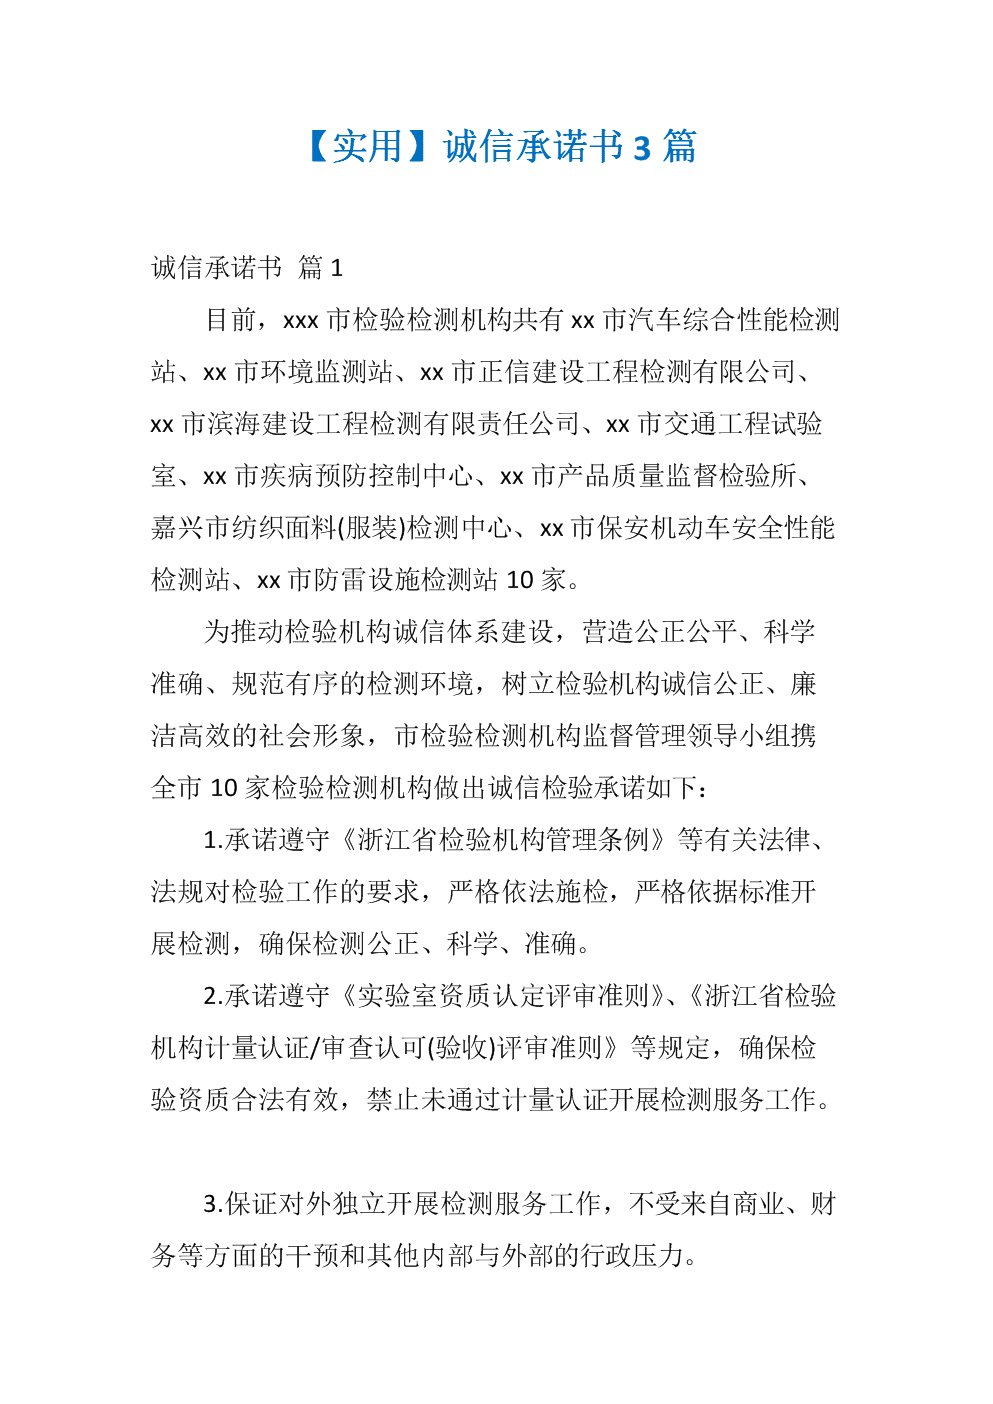 诚信承诺书3篇.docx